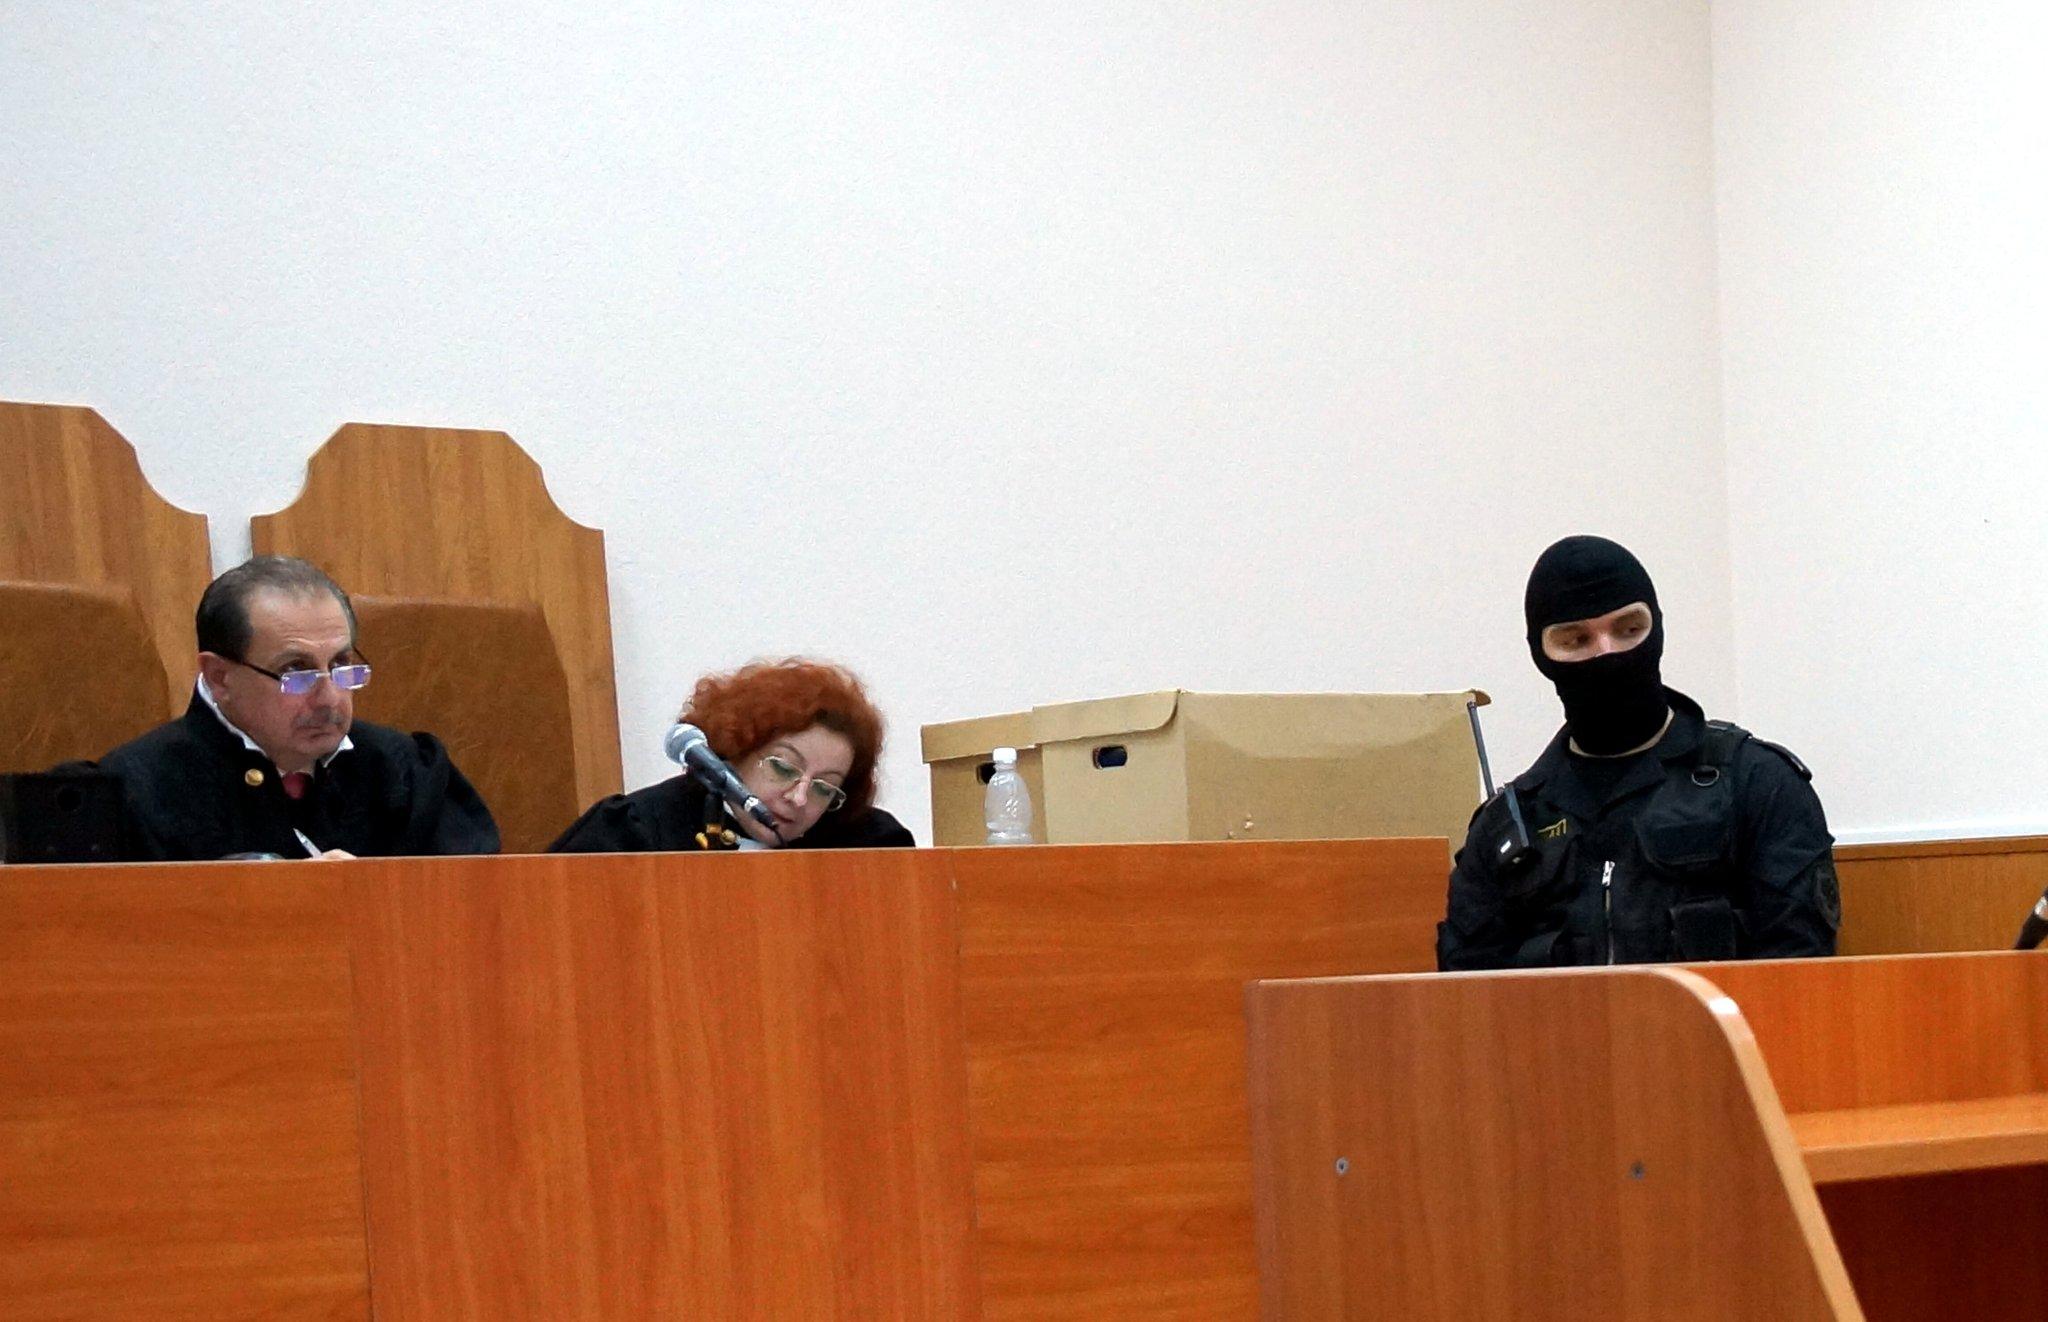 Впервые опубликована фотография судей, осудивших Савченко - Цензор.НЕТ 1859